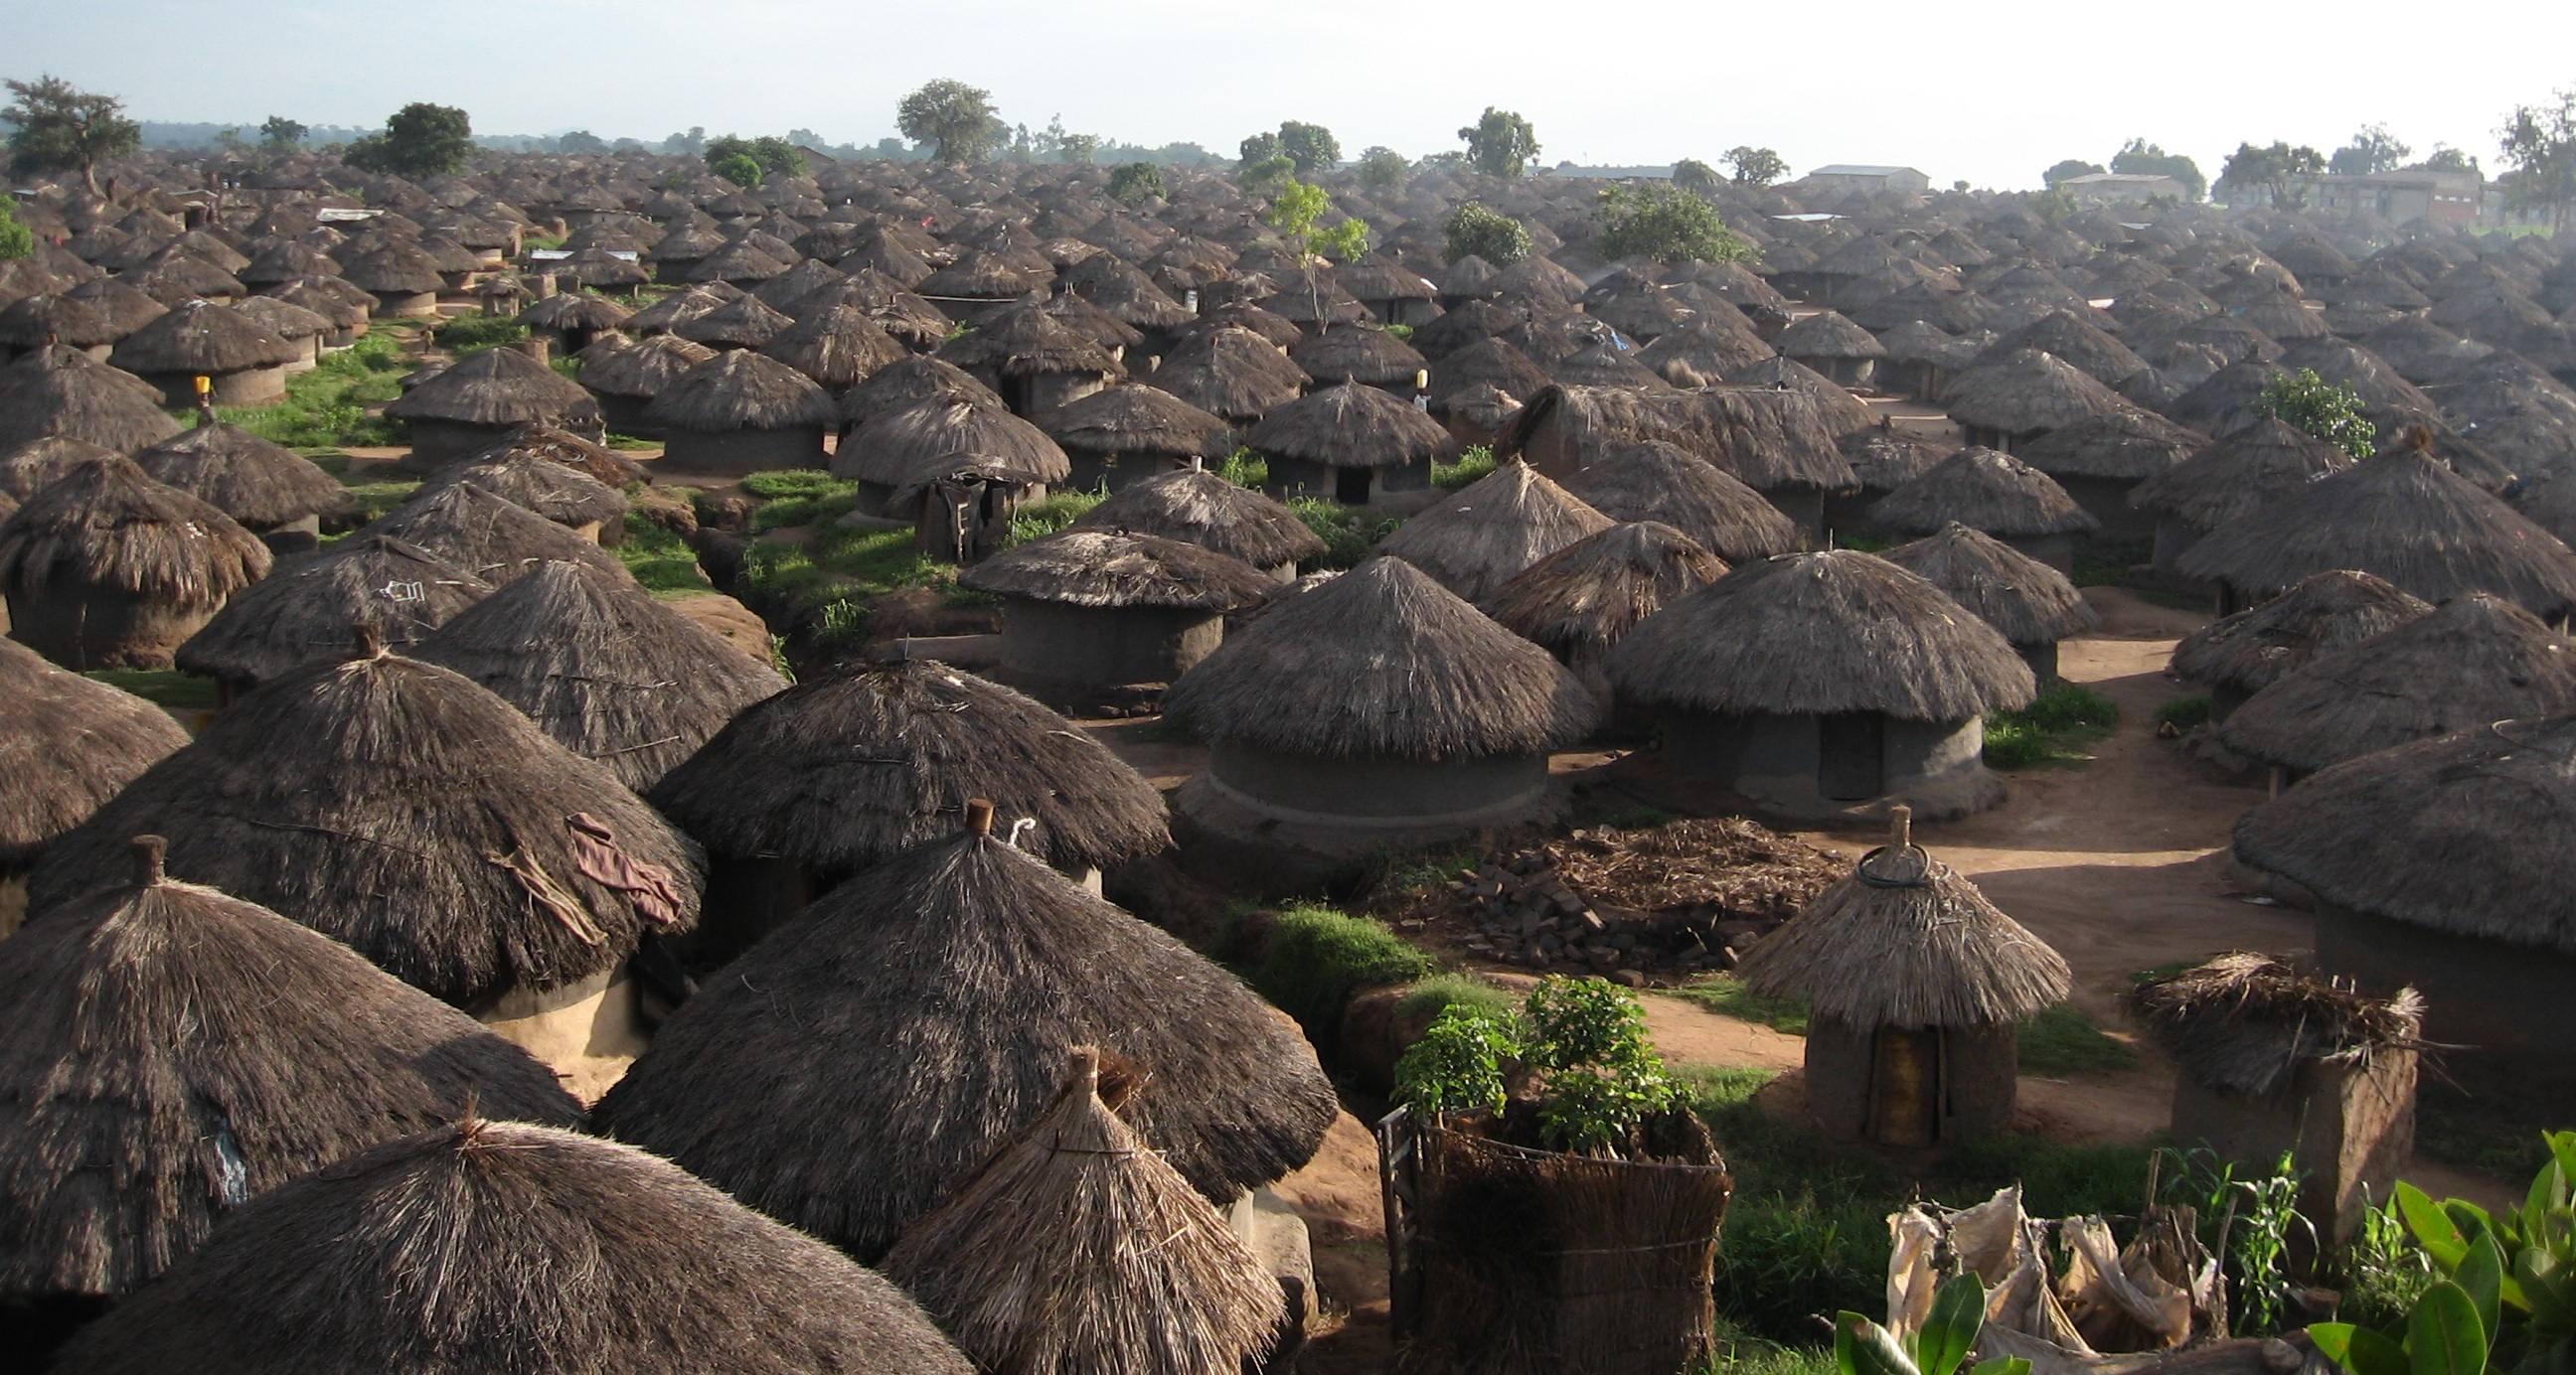 uganda safaris, Home